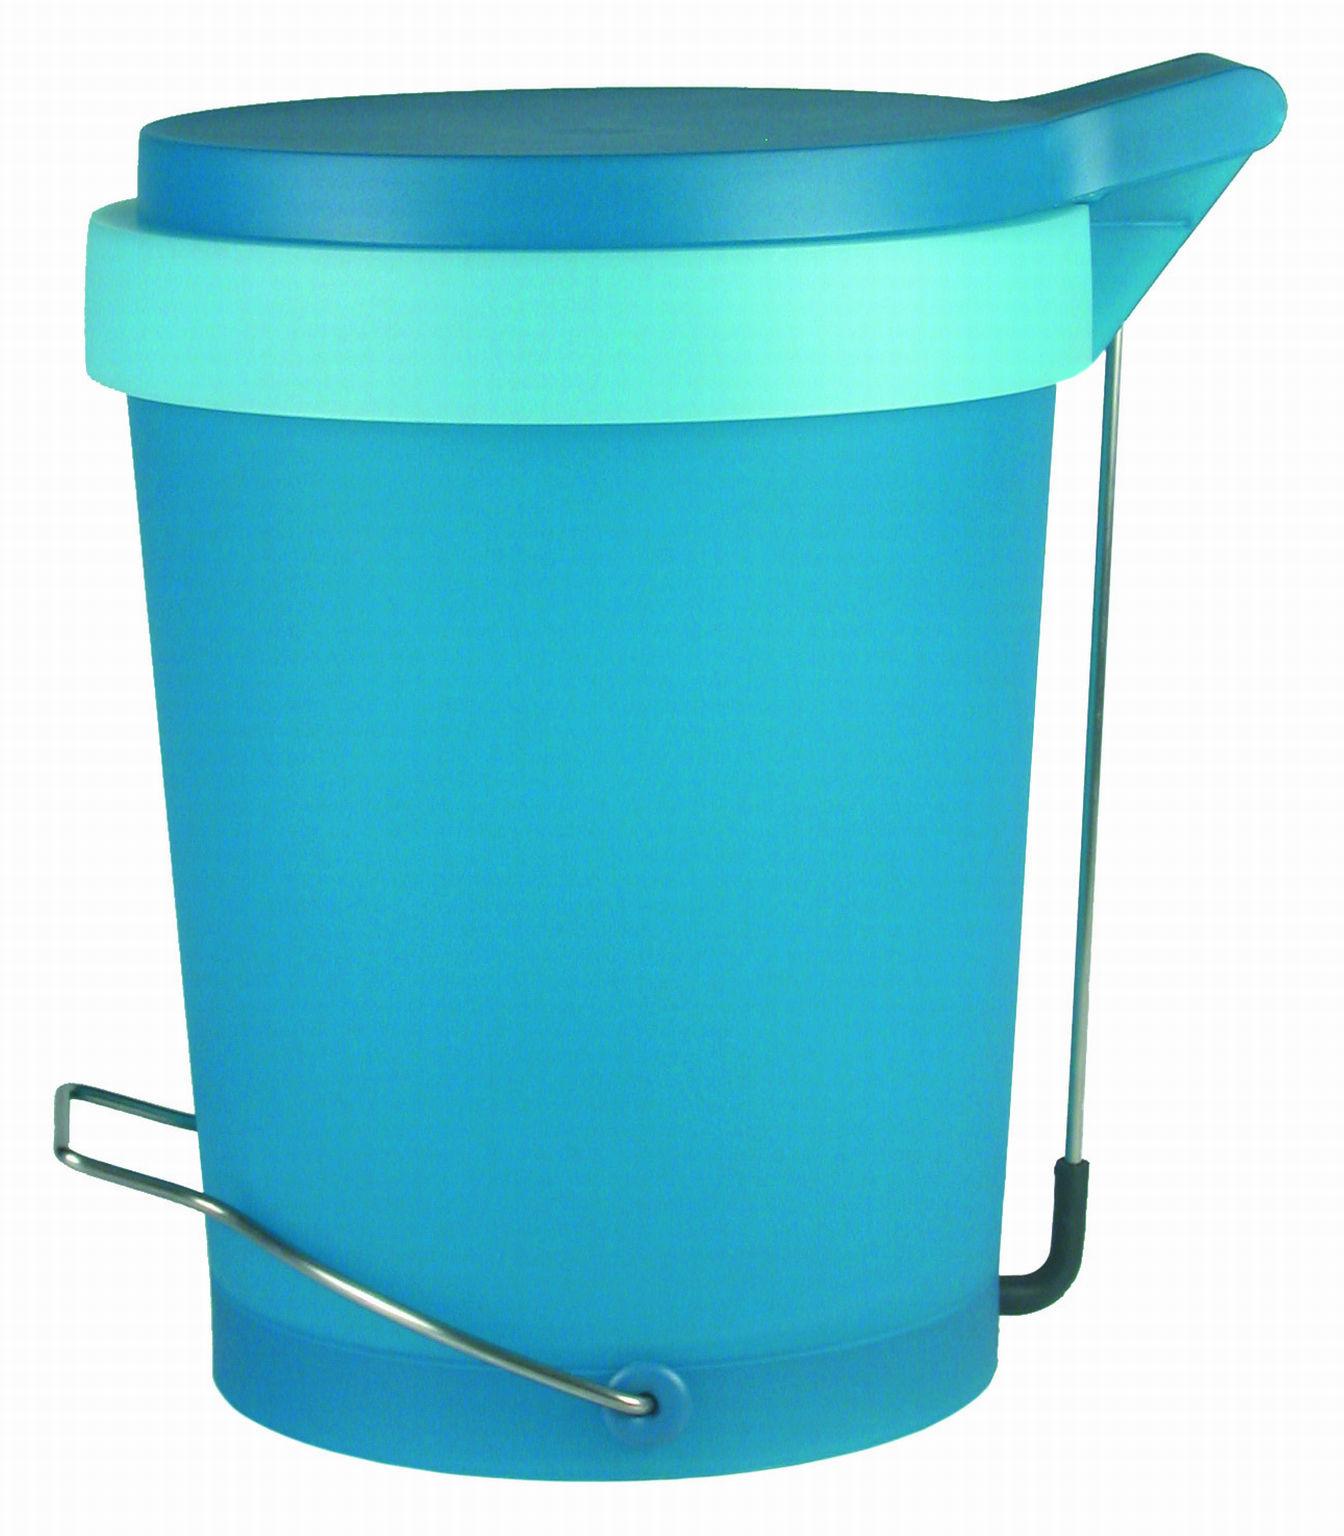 poubelle p dale tip 15 litres bleu clair authentics. Black Bedroom Furniture Sets. Home Design Ideas